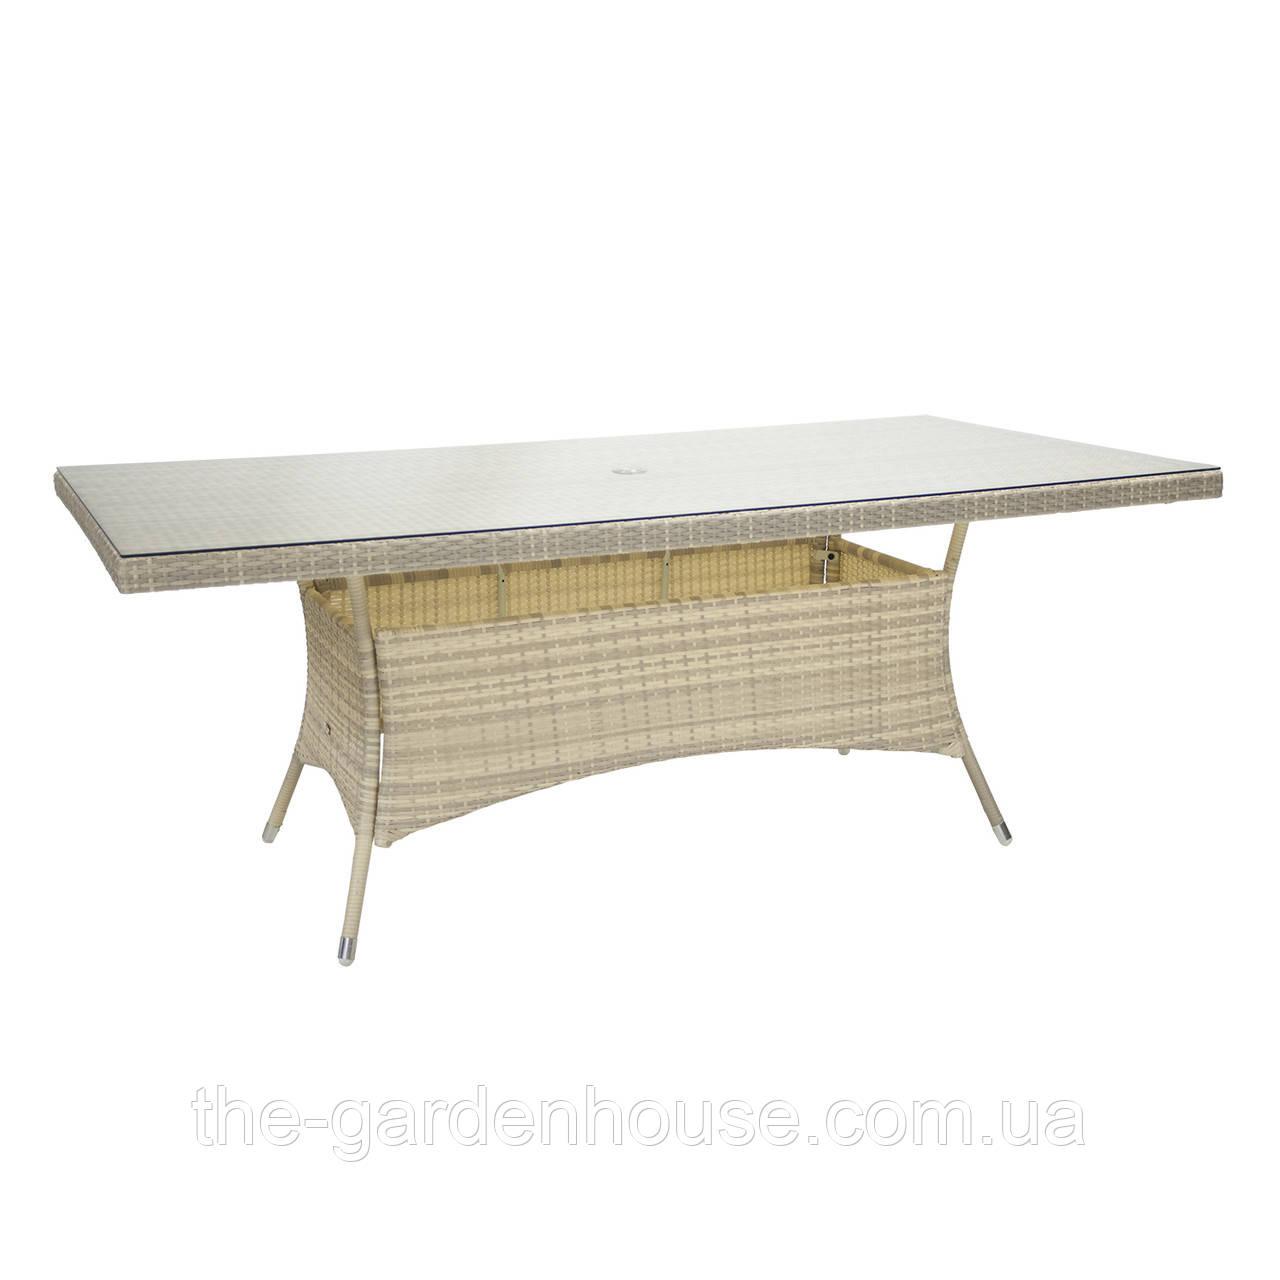 Обеденный стол Wicker из искусственного ротанга со стеклом 200x100 см светло-бежевый